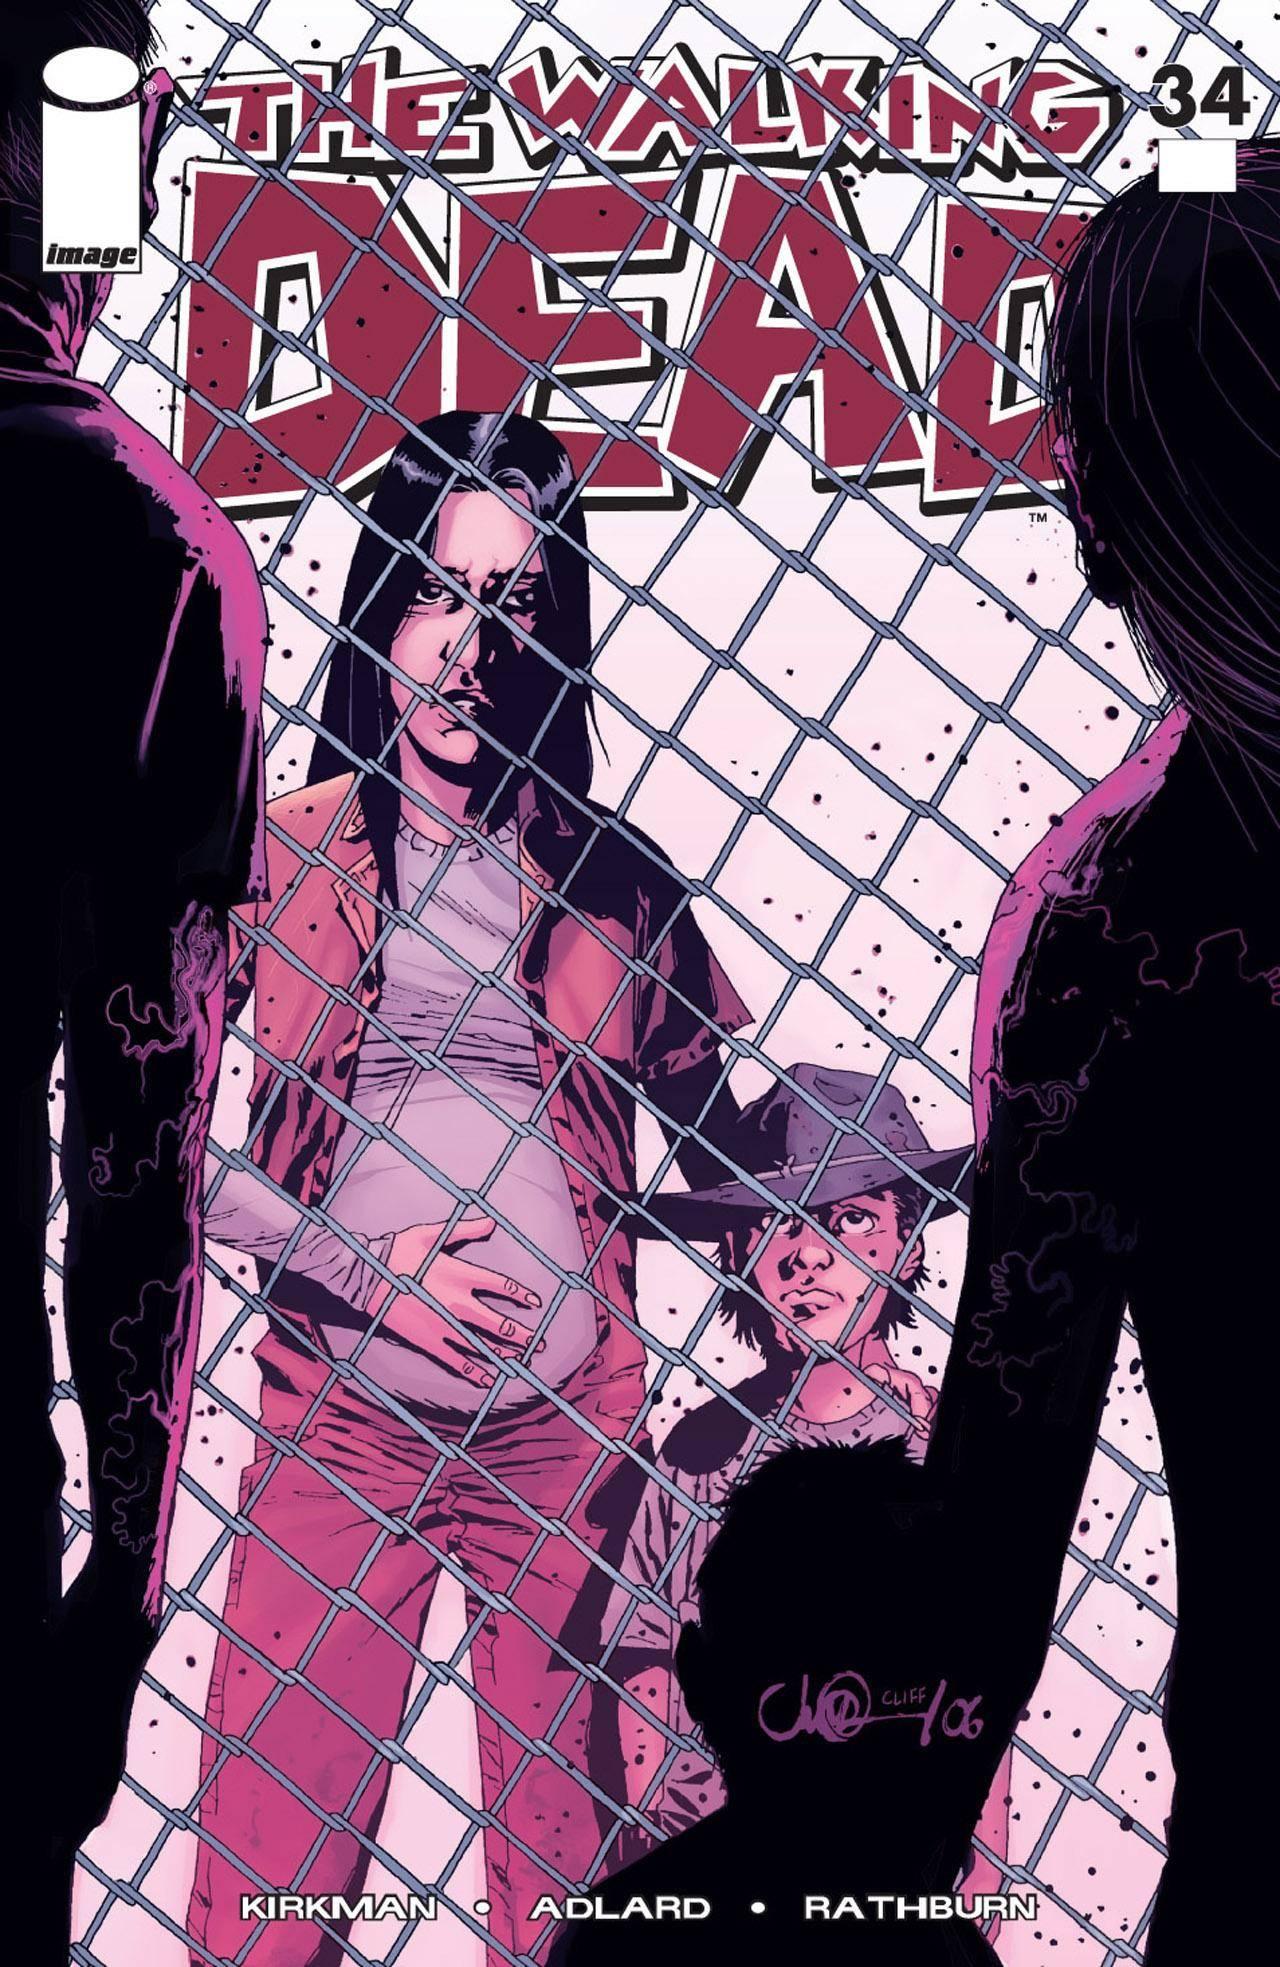 Walking Dead 034 2007 digital